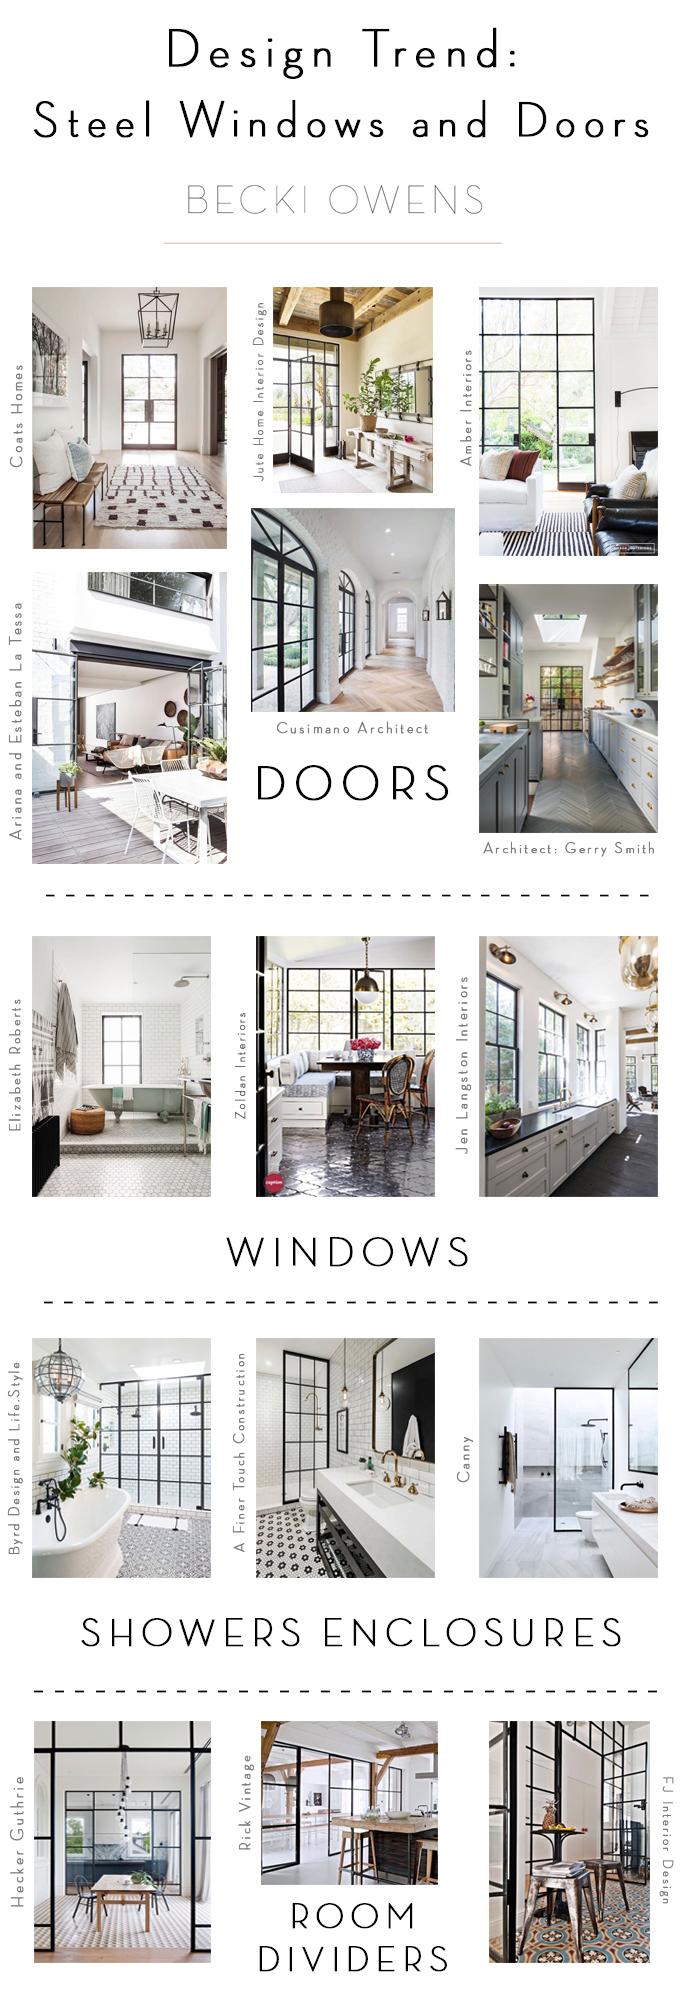 design trend steel windows and door  sc 1 st  Becki Owens & Steel Windows and Doors